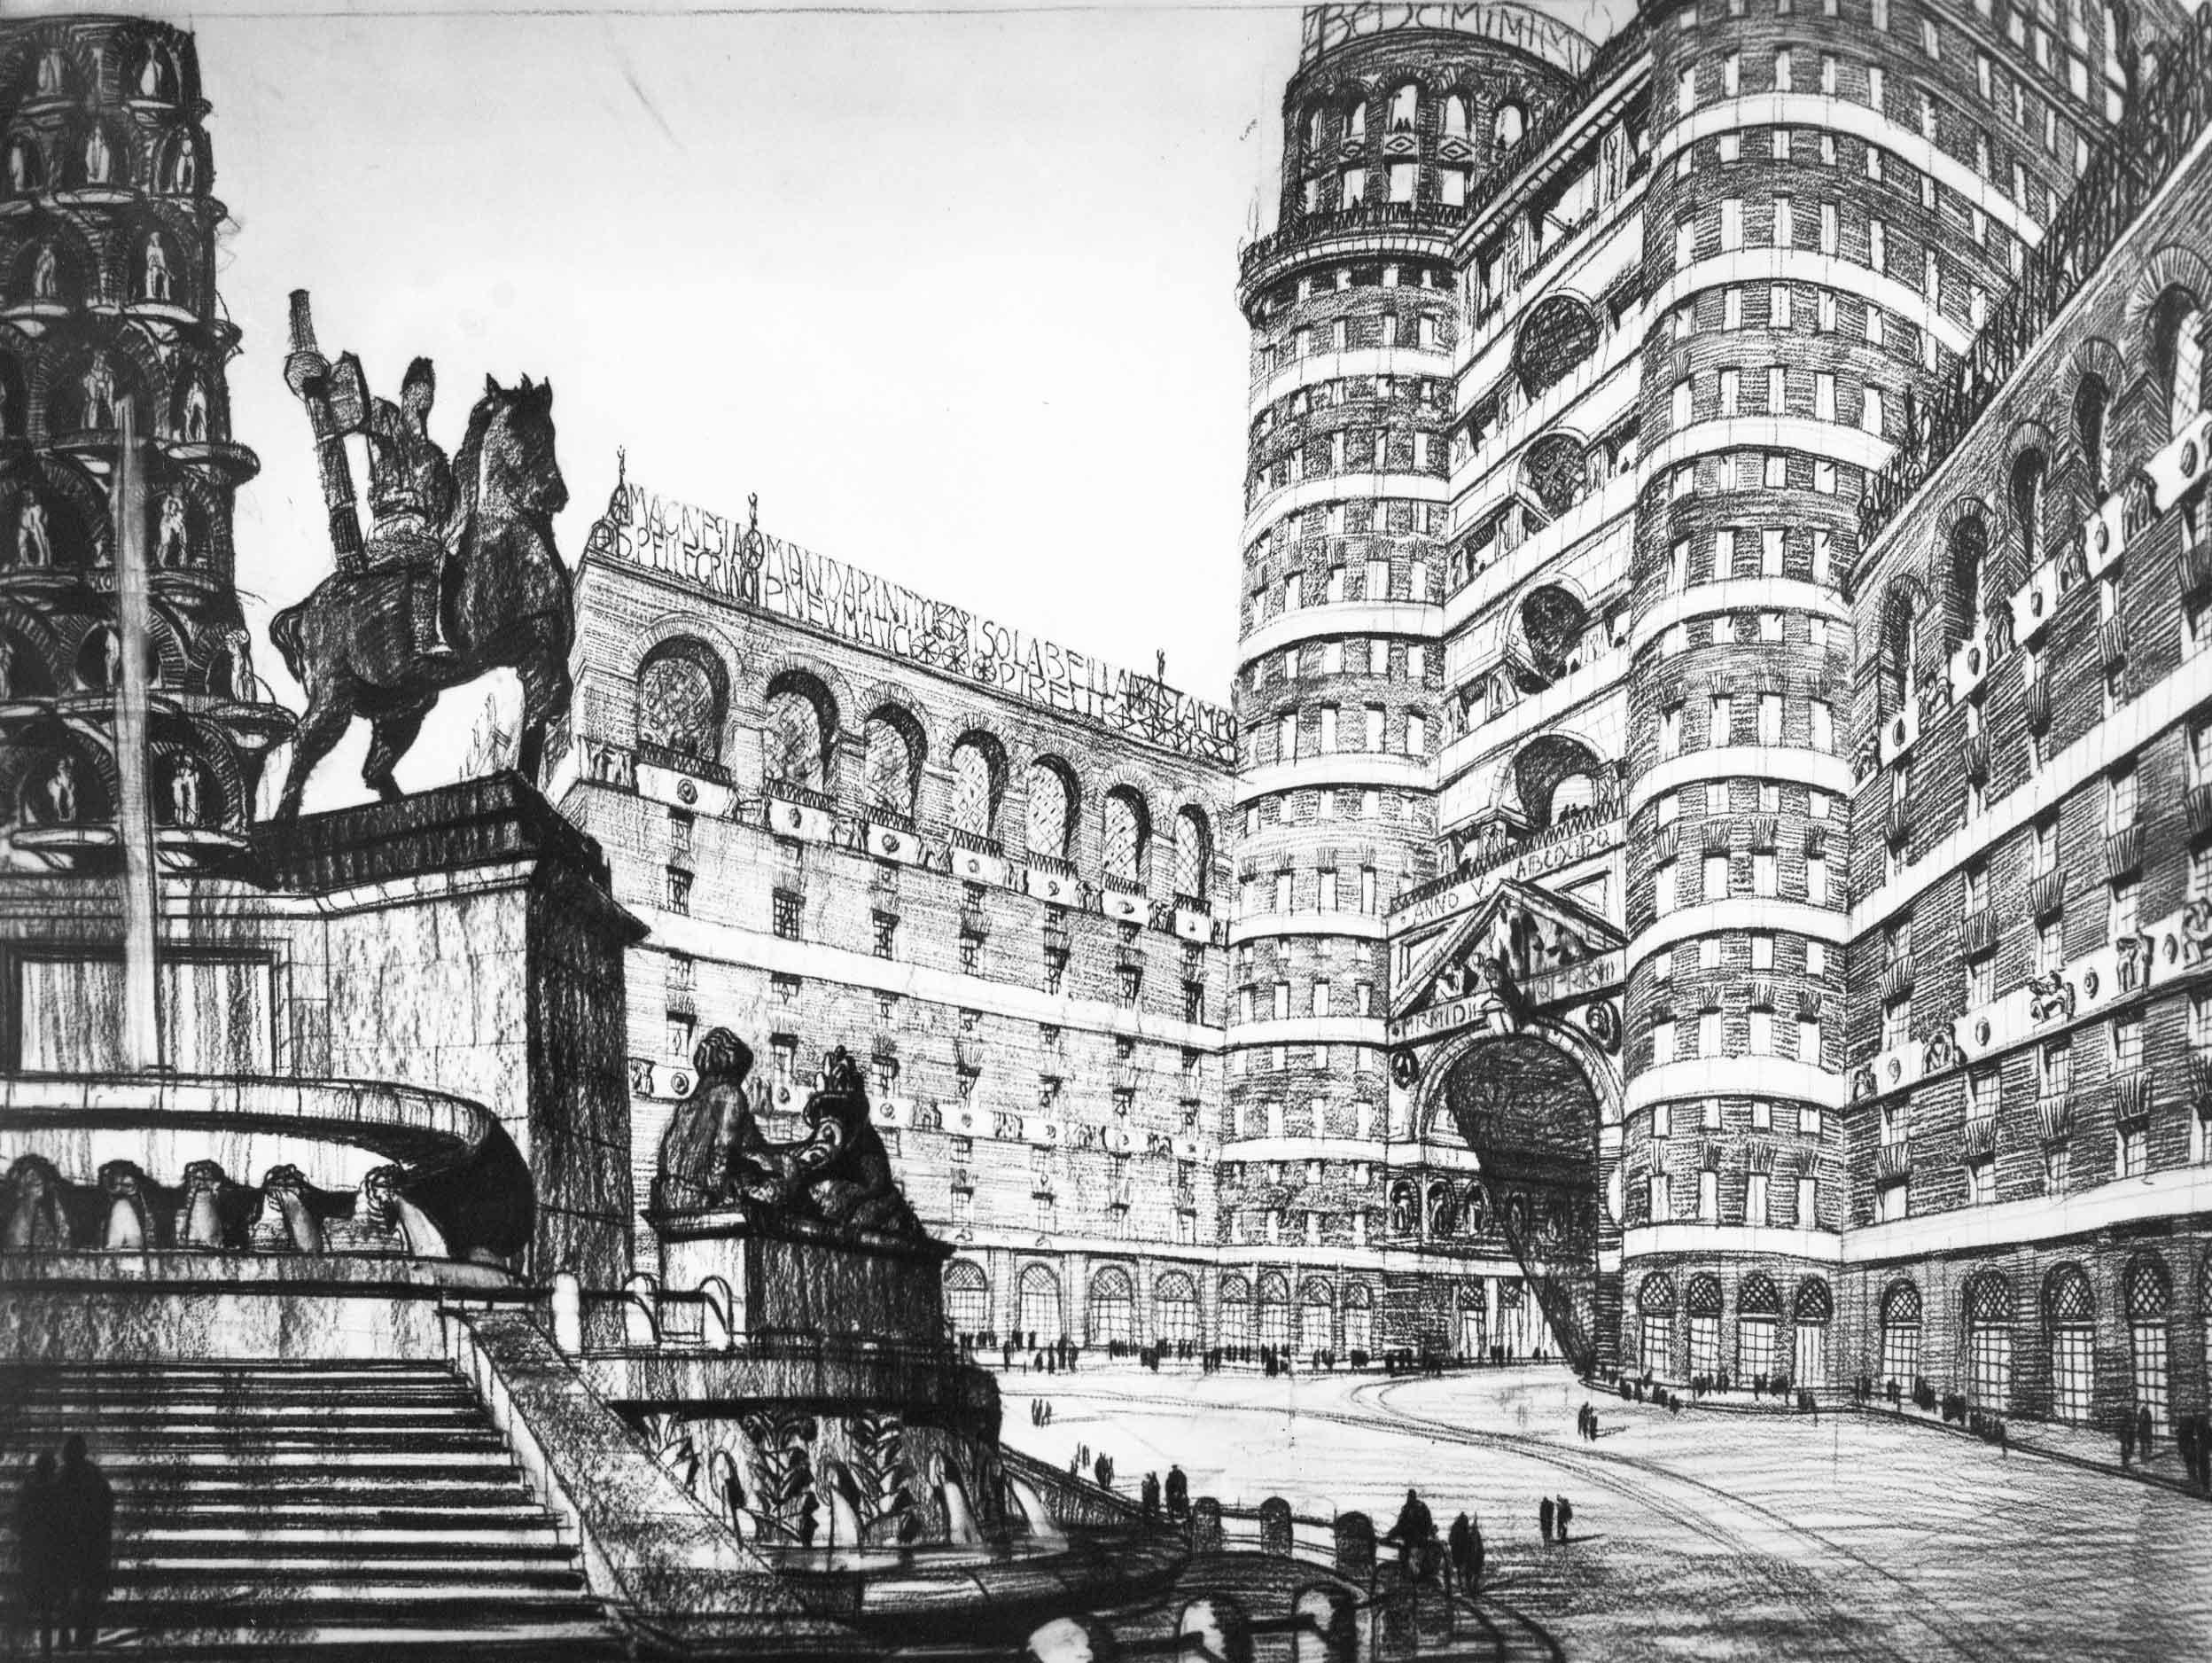 Progetto di concorso per il Piano regolatore di Milano